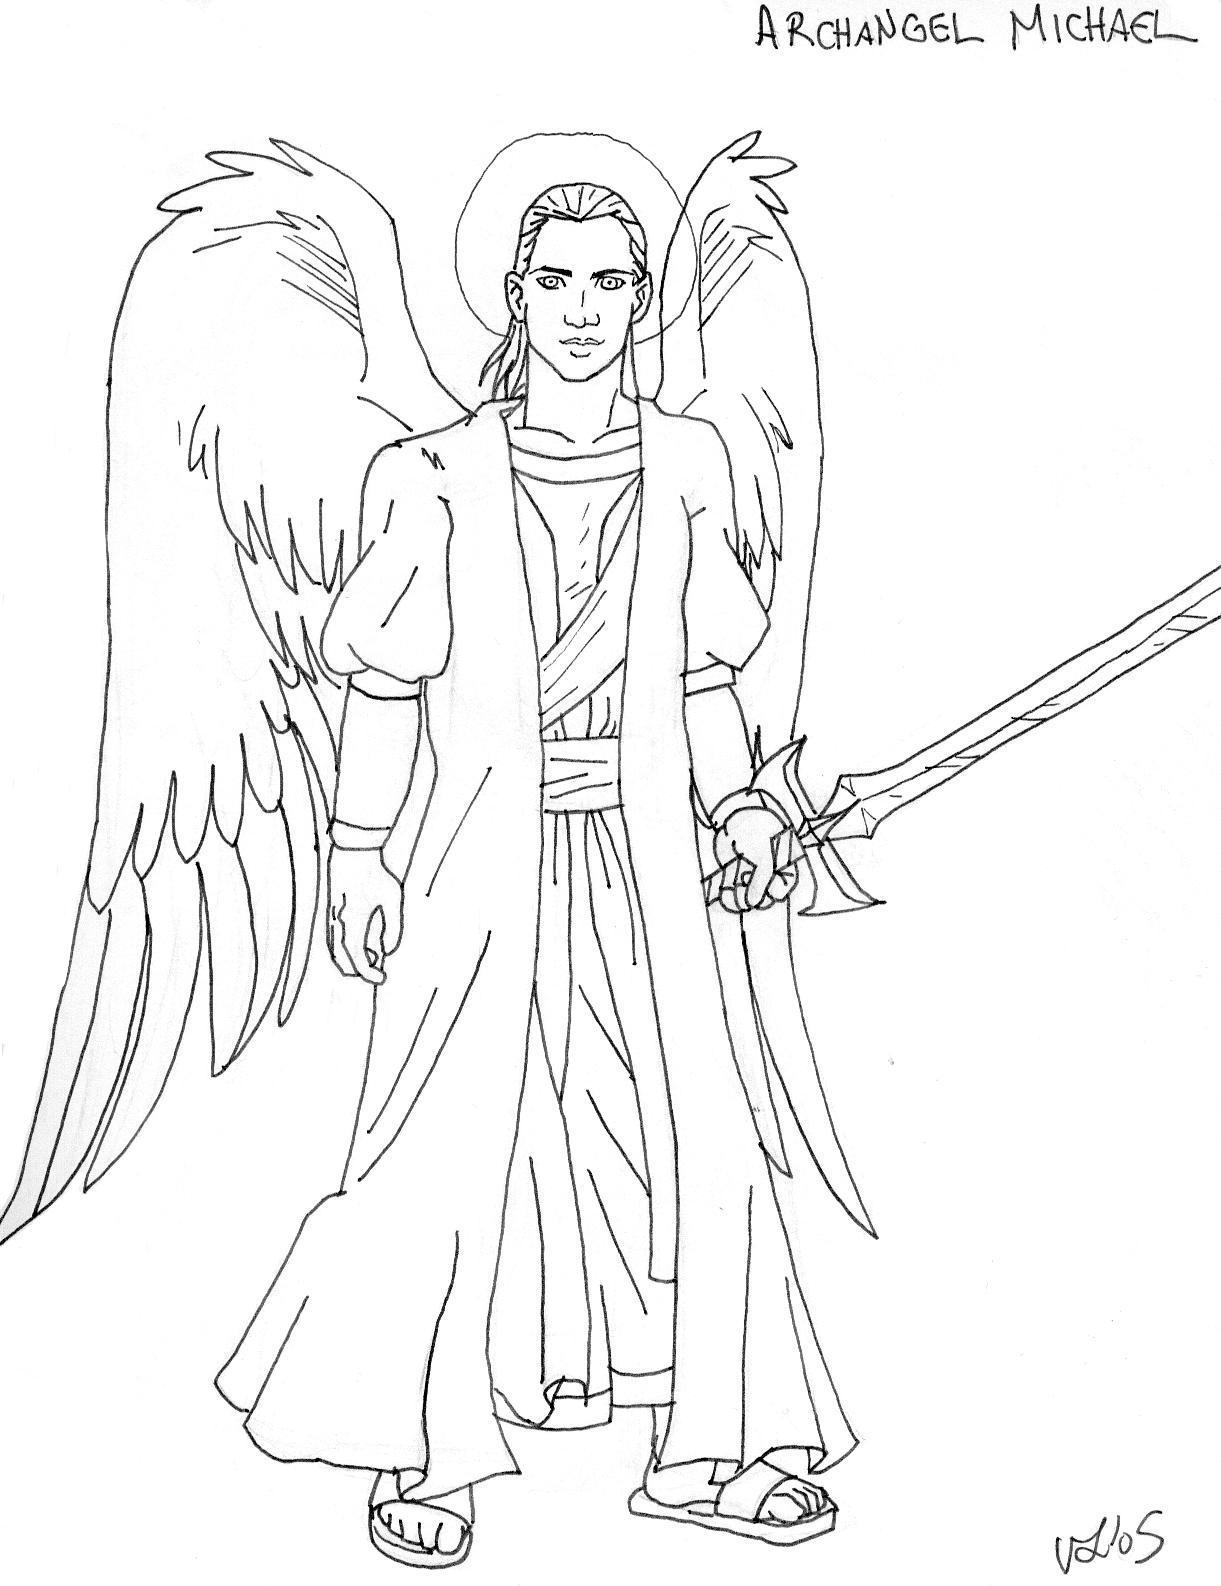 Archangel Michael Line Art by Djehuti